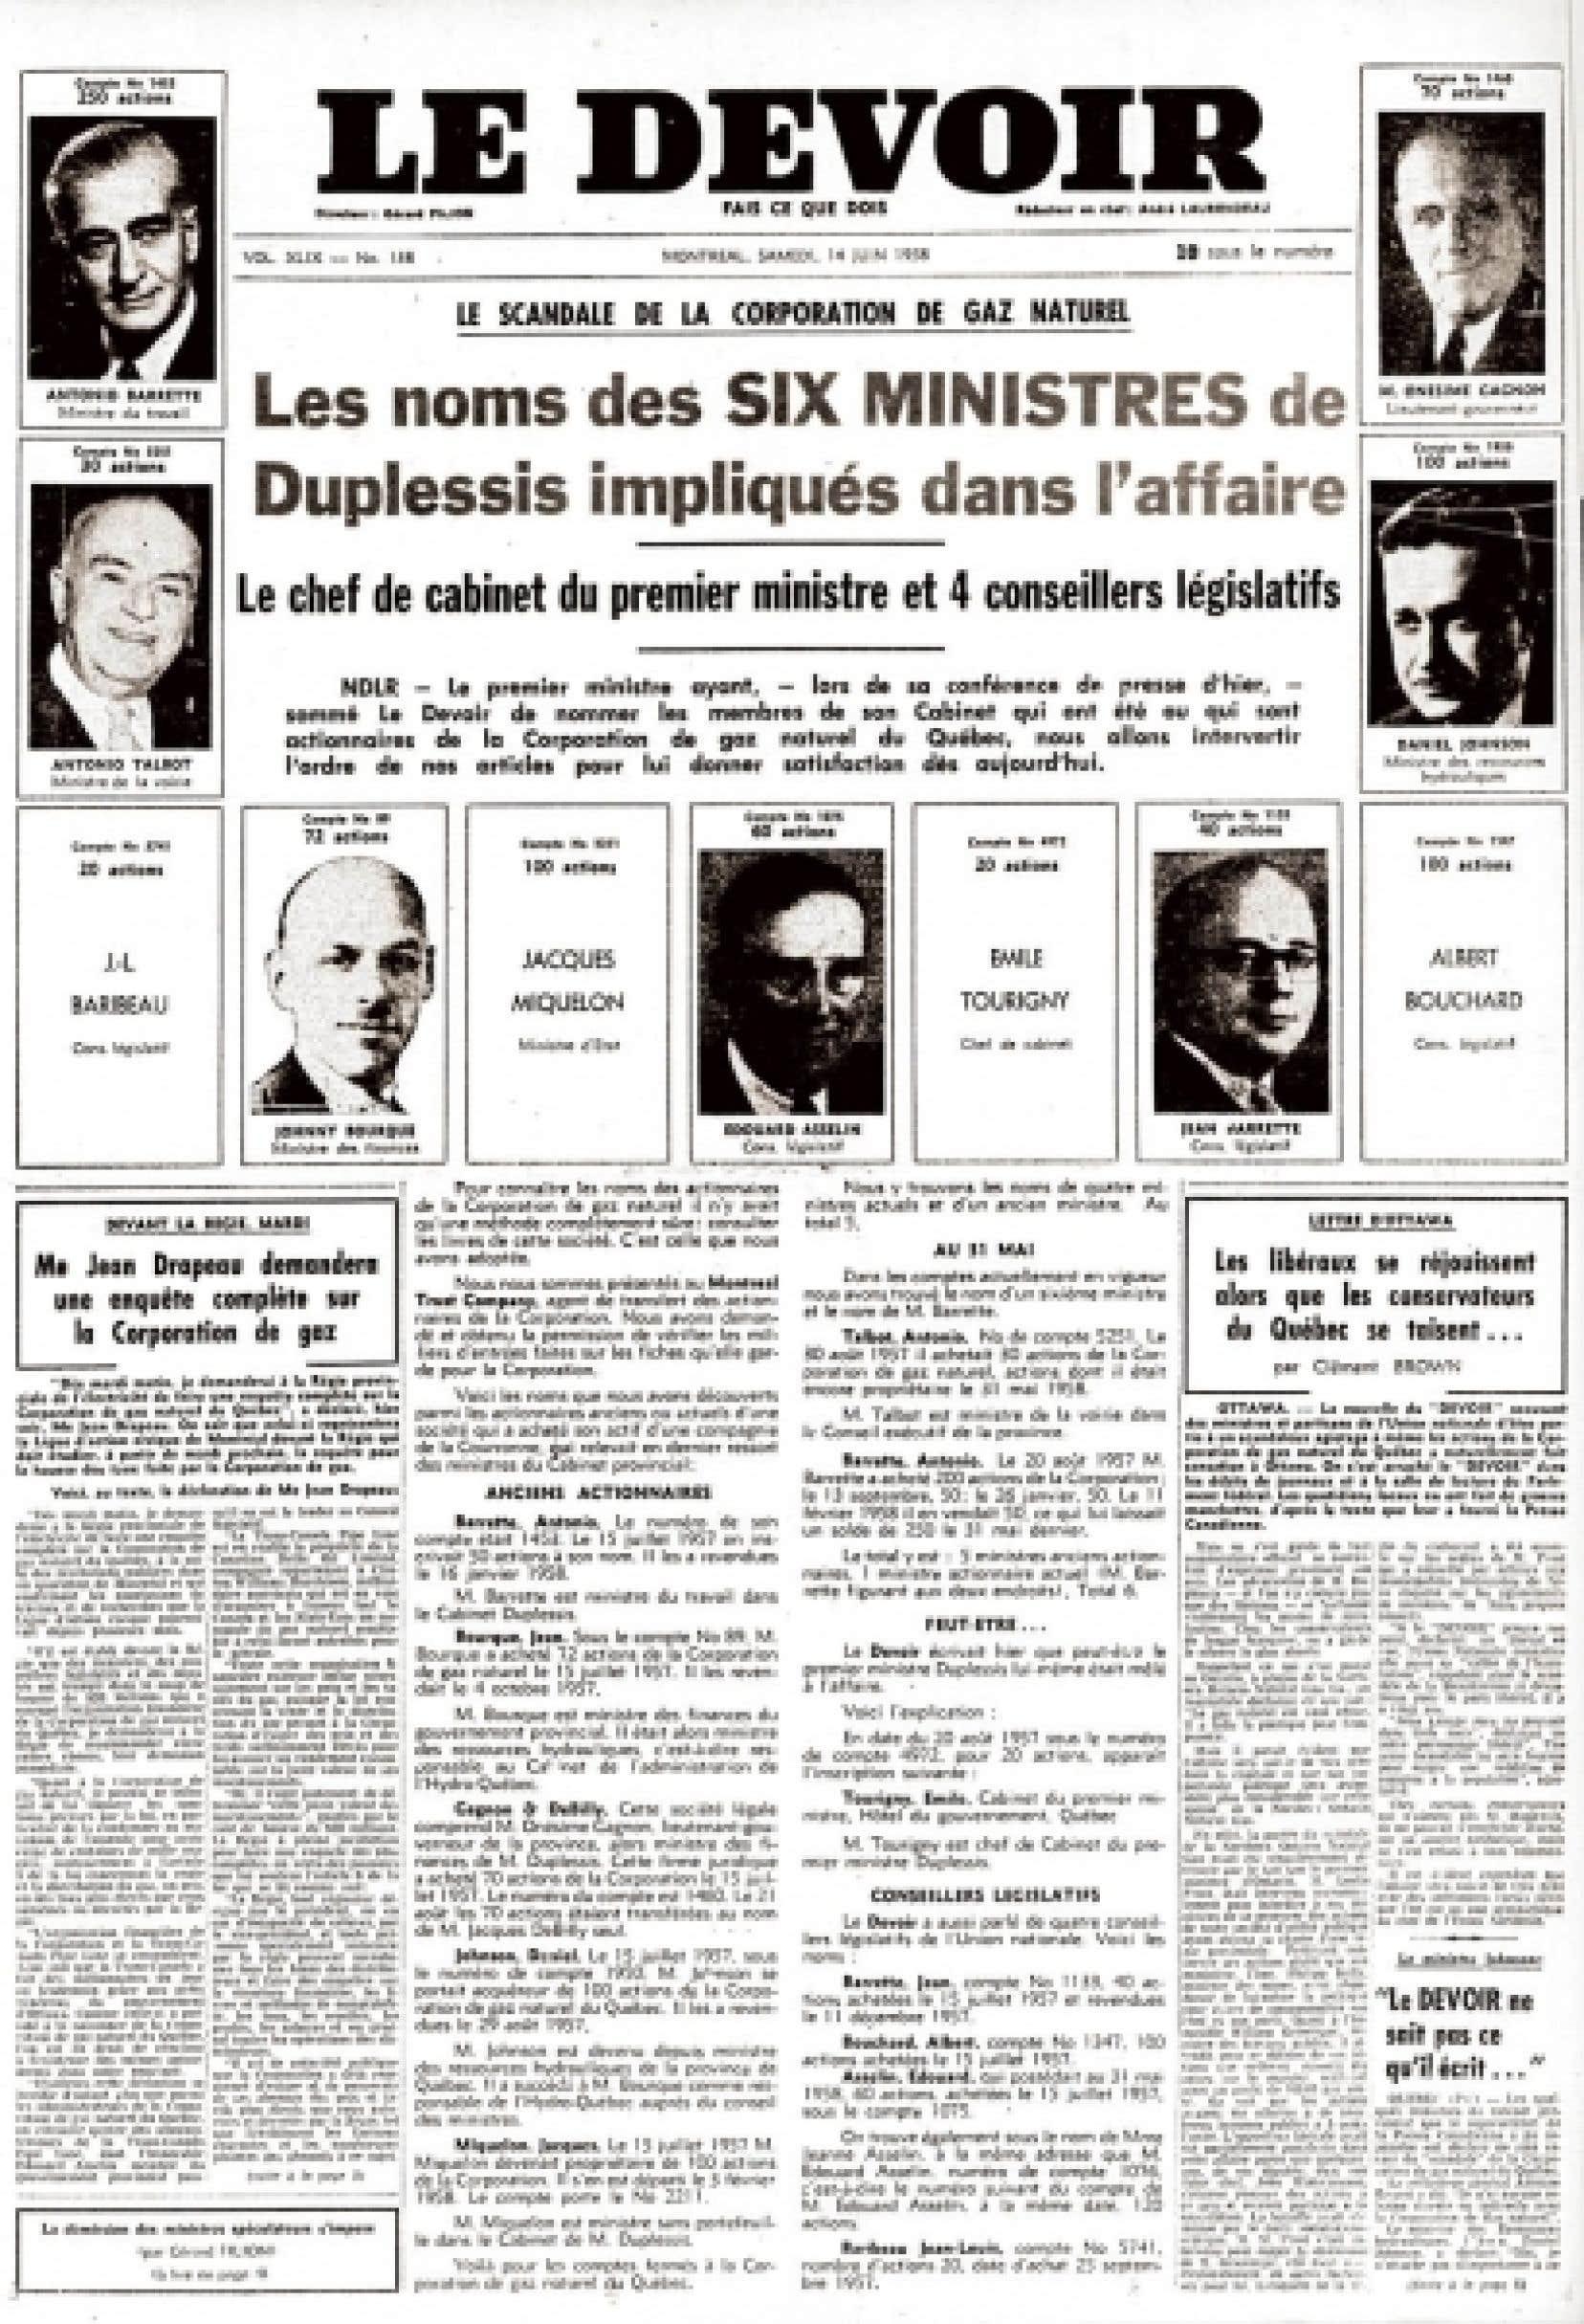 Le Devoir a r&eacute;v&eacute;l&eacute; le scandale du gaz naturel en juin 1958.<br />